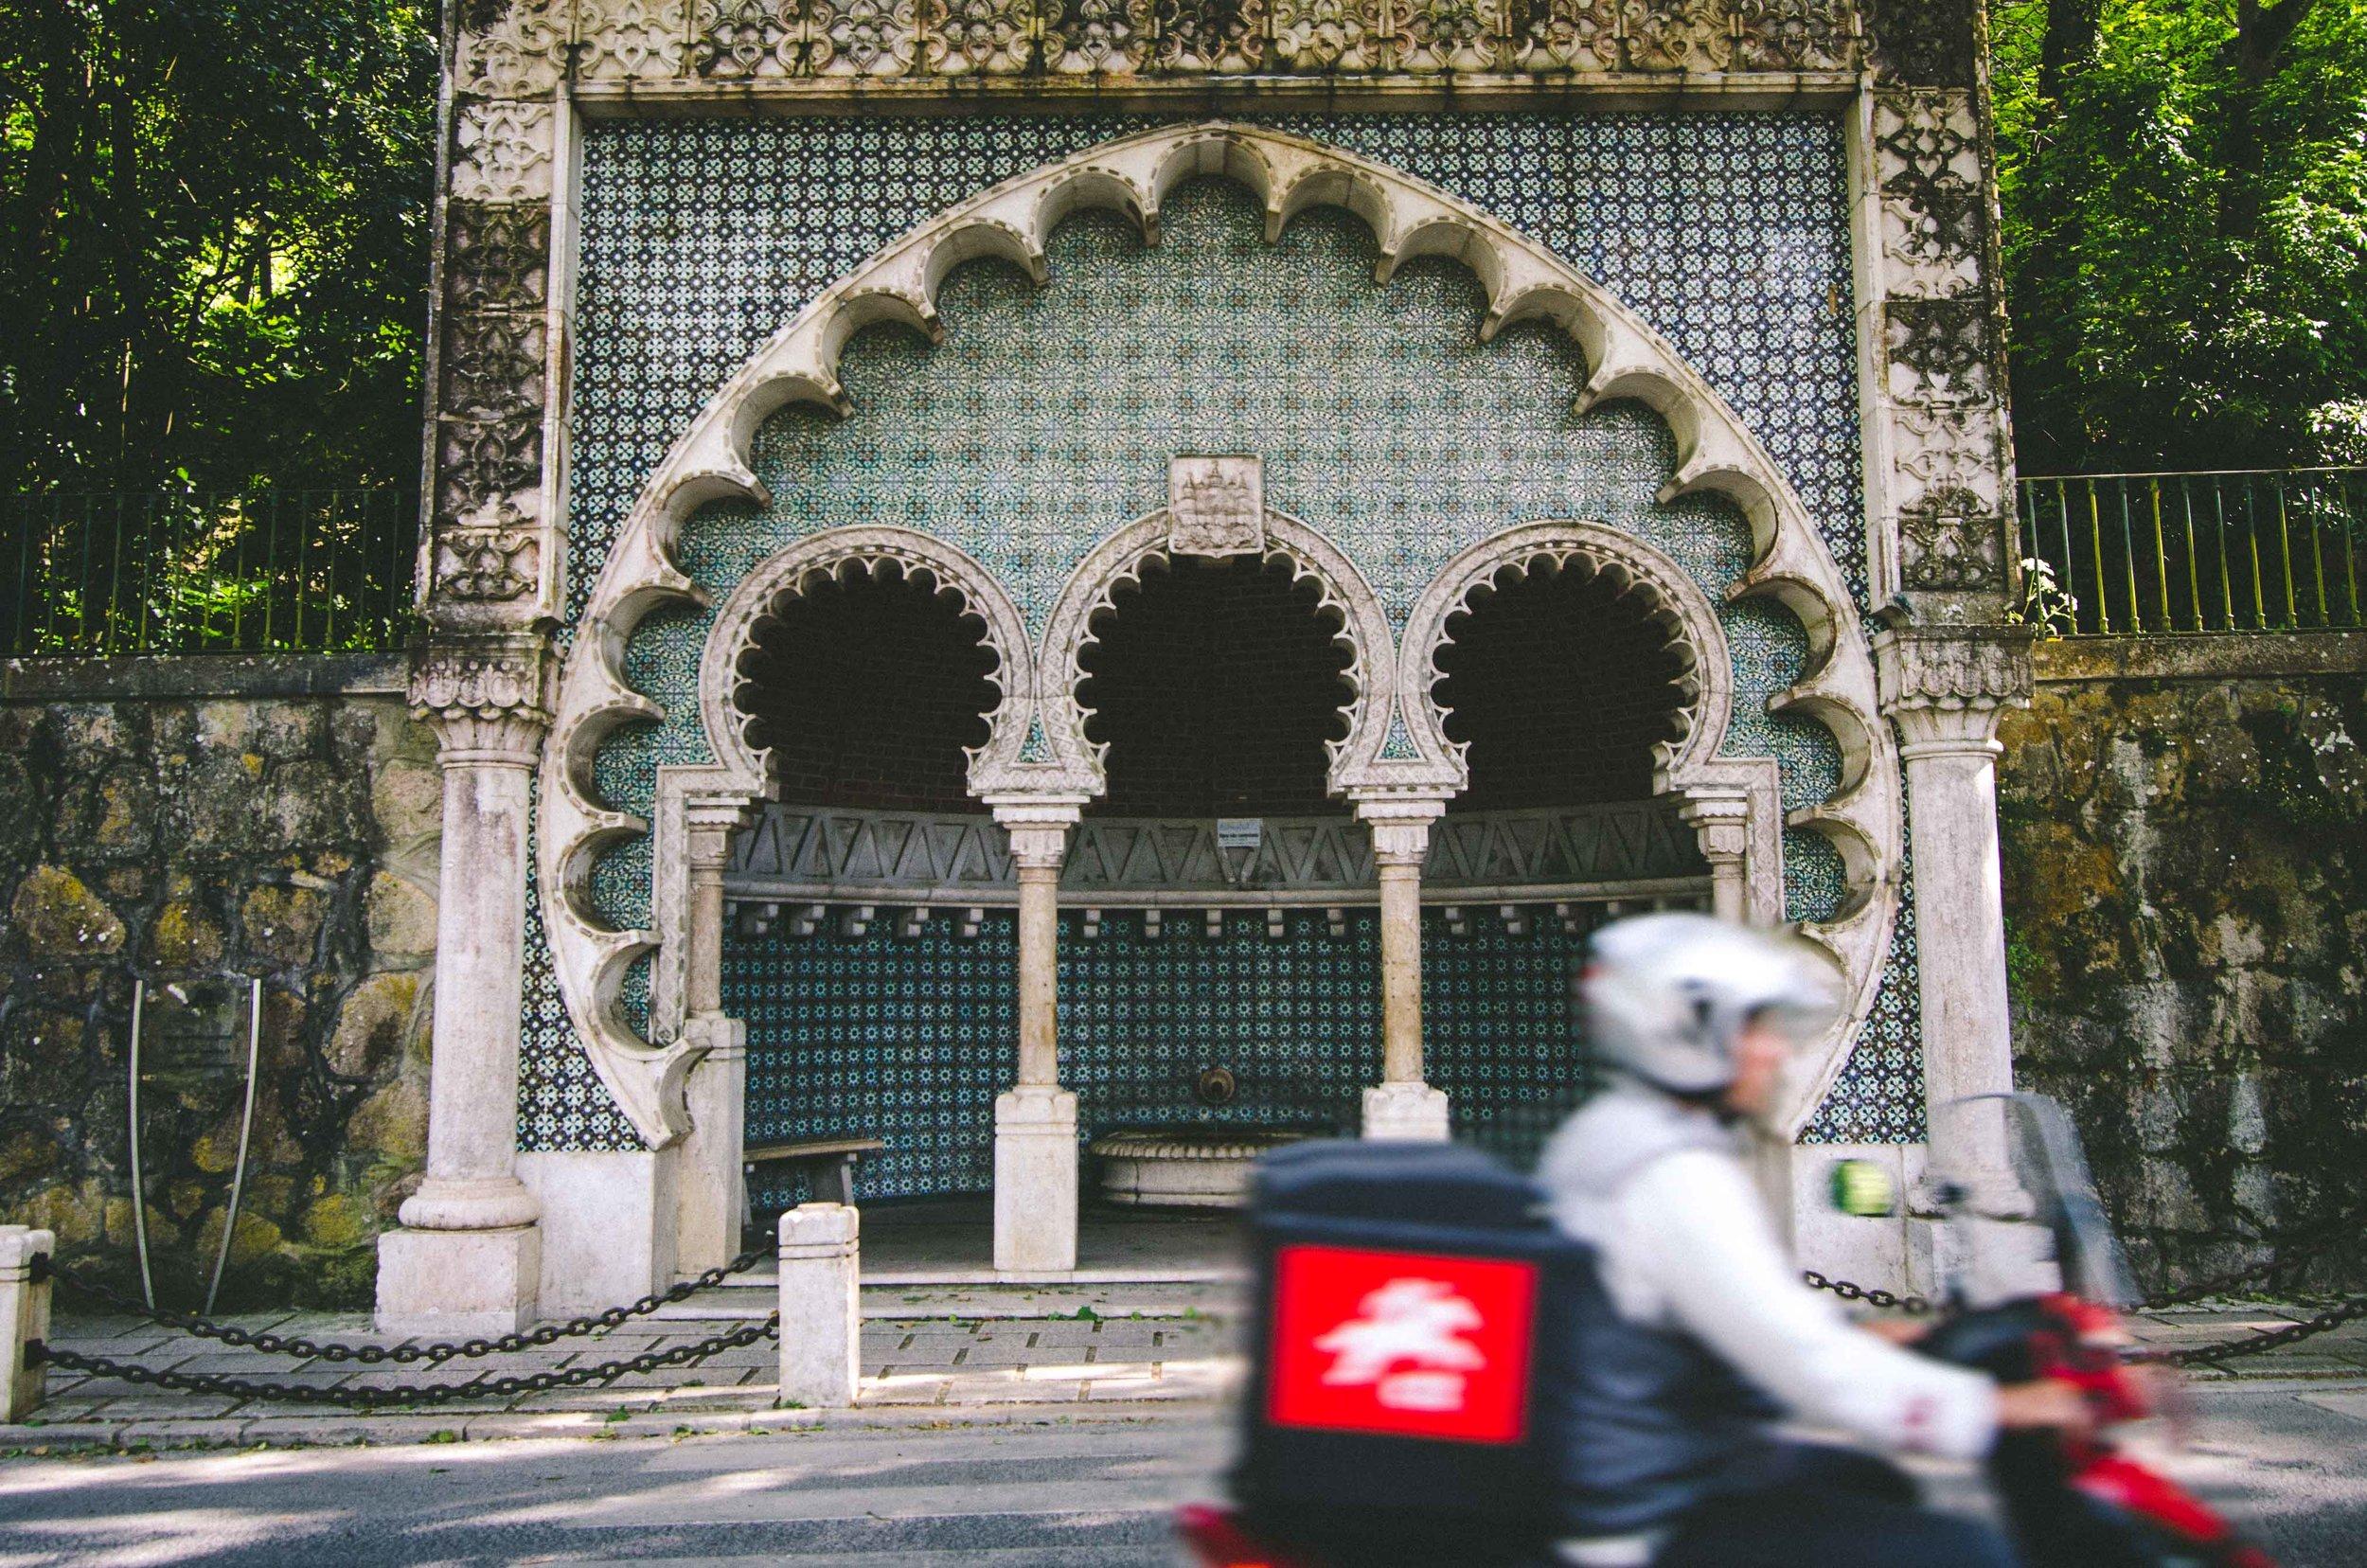 schoenmaker_portugalblog-23.jpg